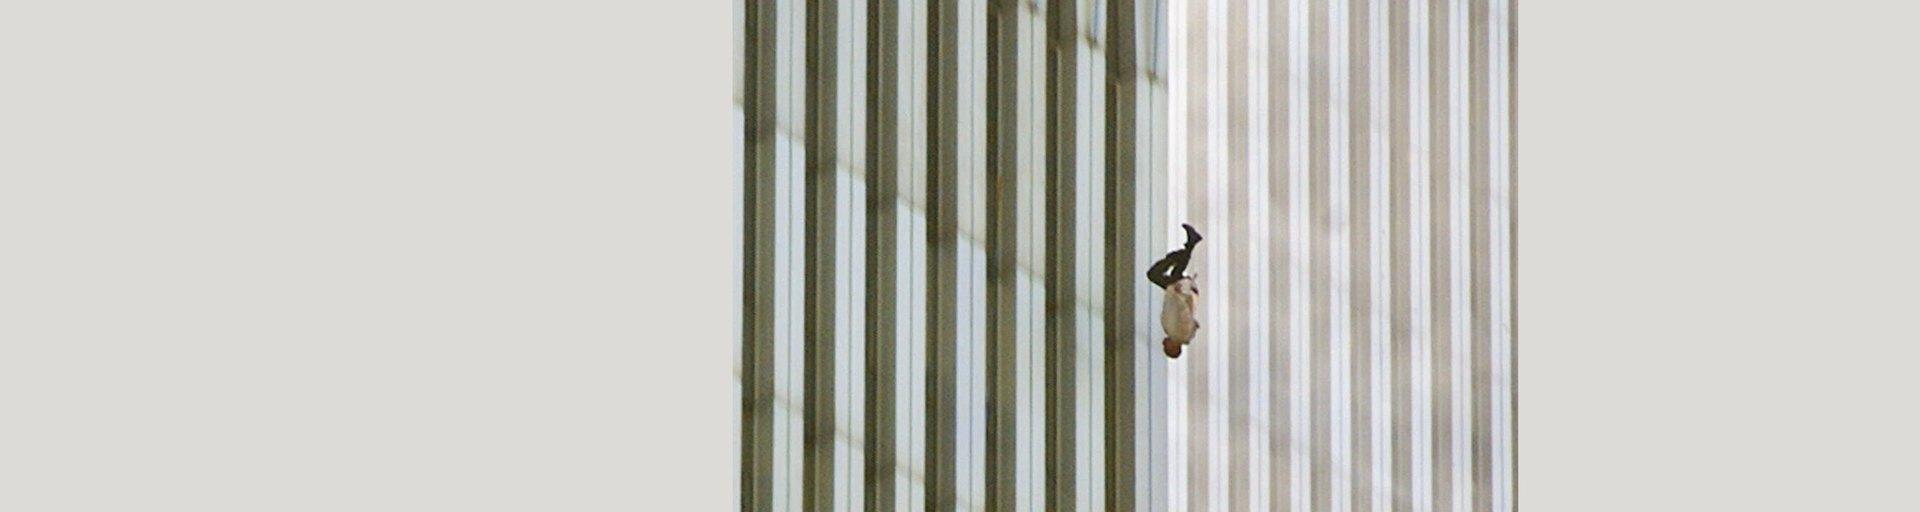 Памяти 11 сентября: очерк «Падающий человек» осамом известном снимке теракта вбашнях-близнецах вНью-Йорке